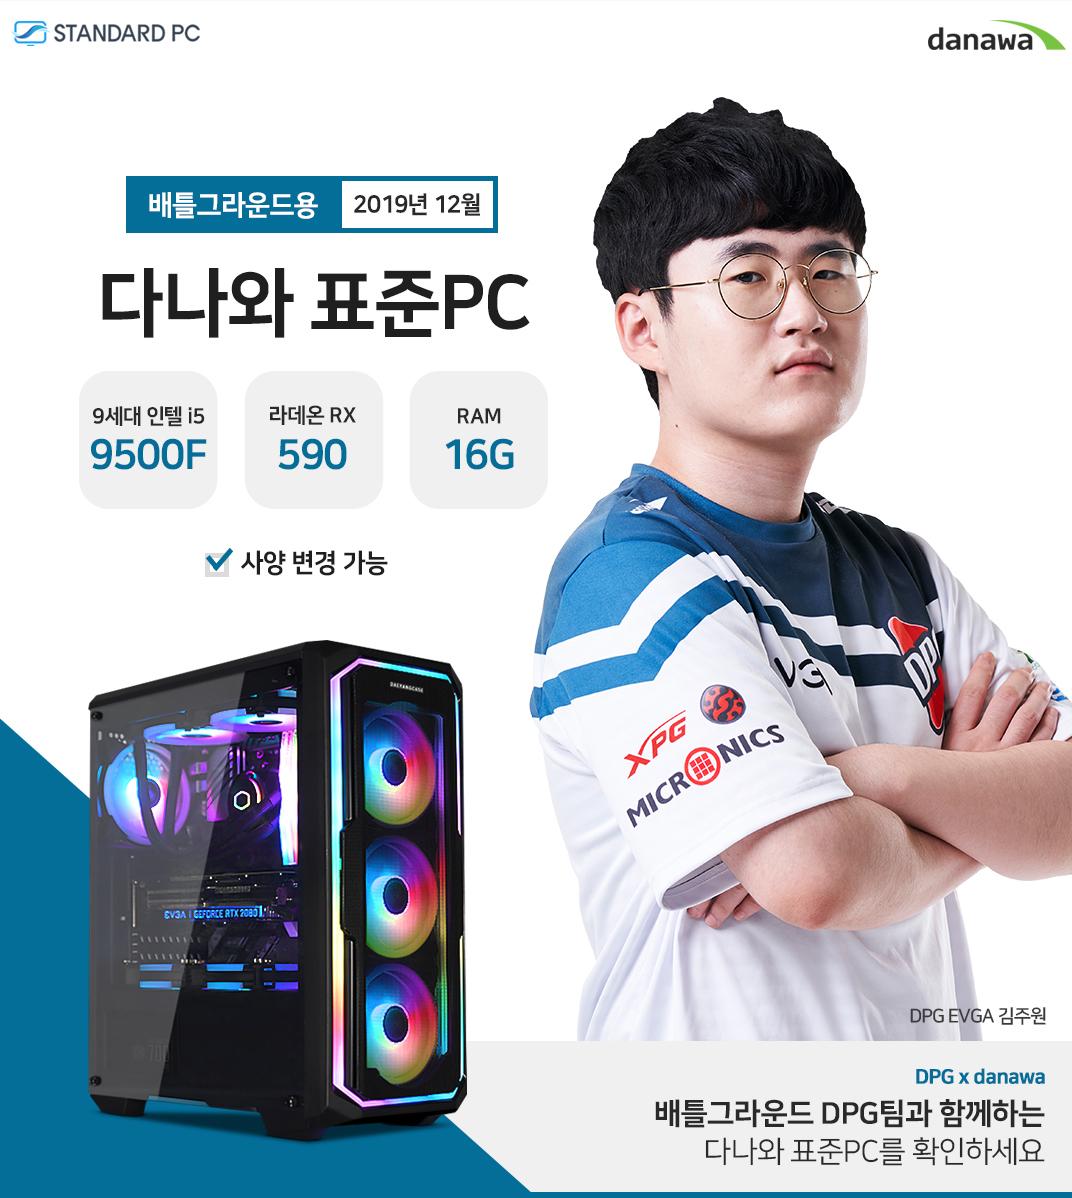 2019년 12월 다나와 표준PC 배틀그라운드용 인텔 코어i5-9세대 9500F RX590 RAM 16G